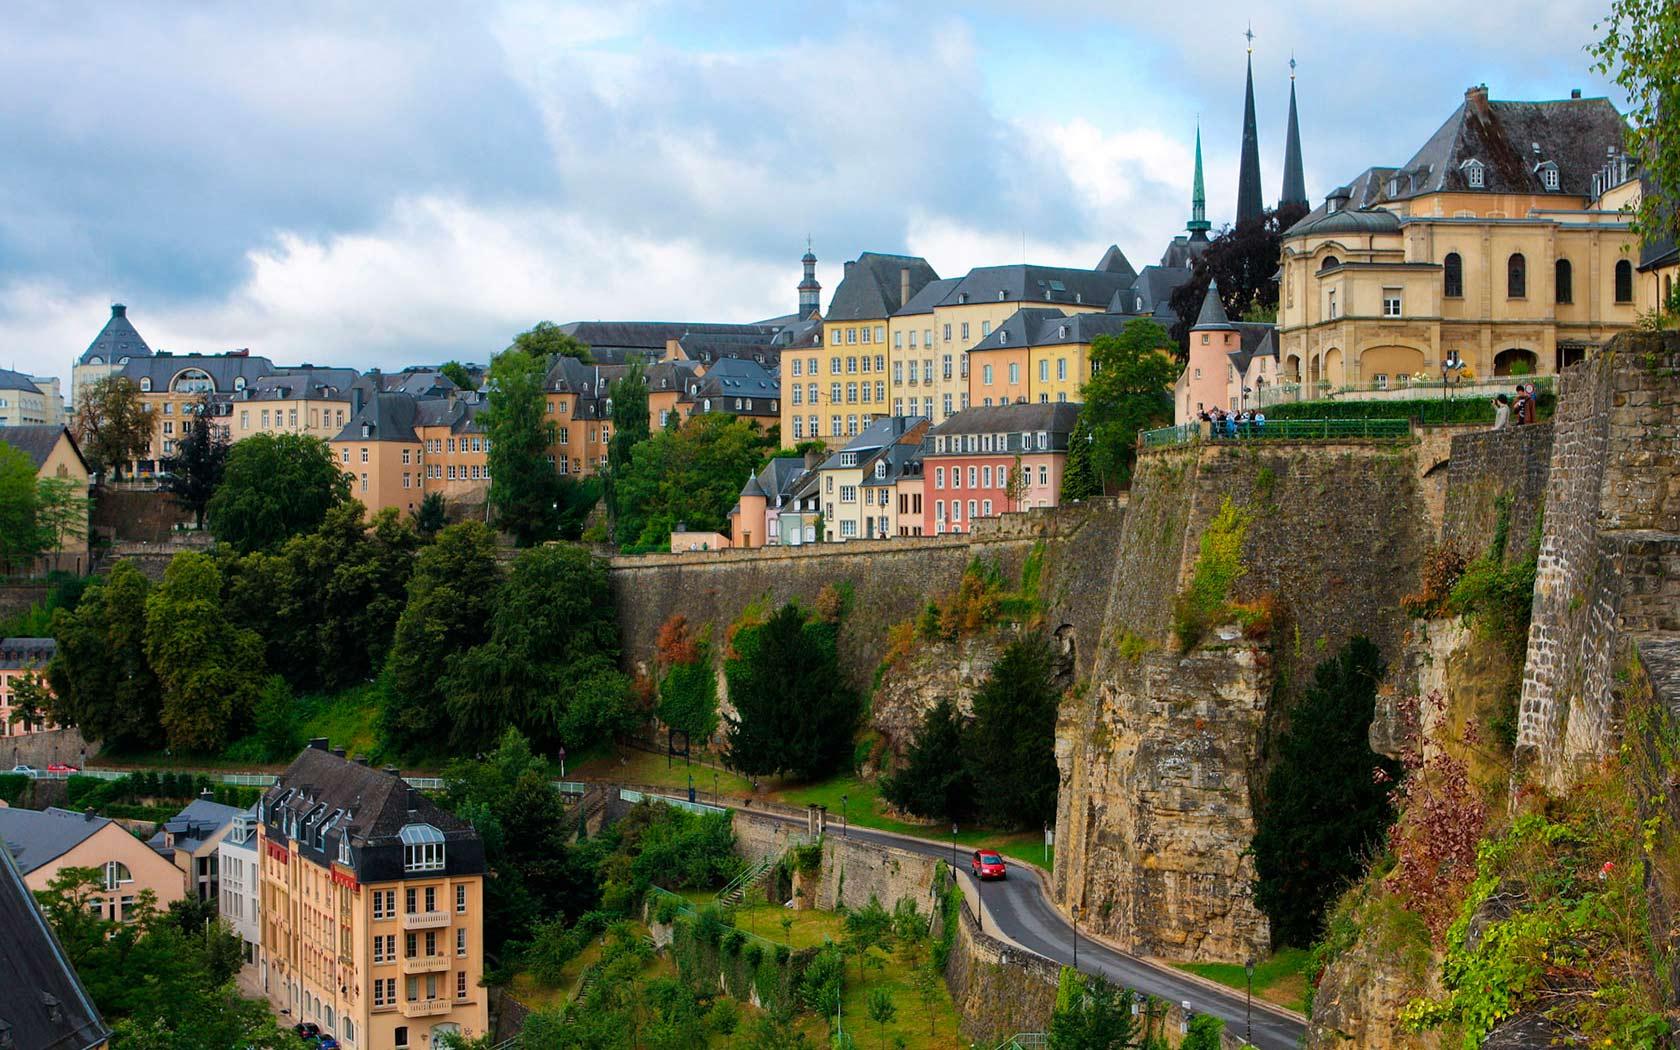 luxemburgo_istock_000011647431medium